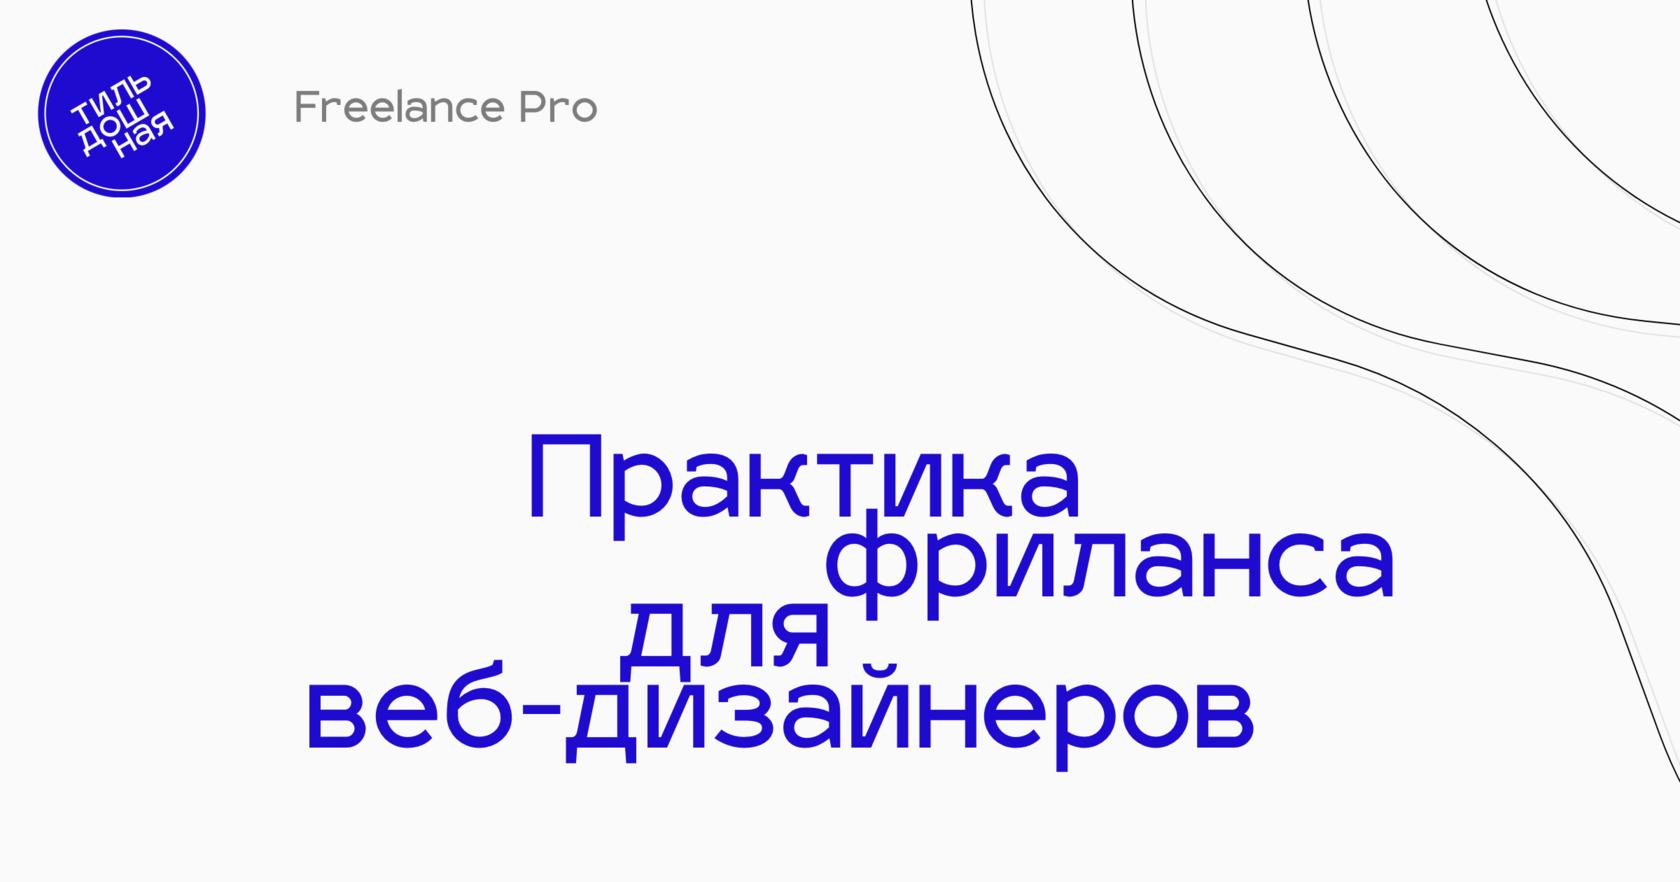 Freelance постинг что это российская фриланс биржа